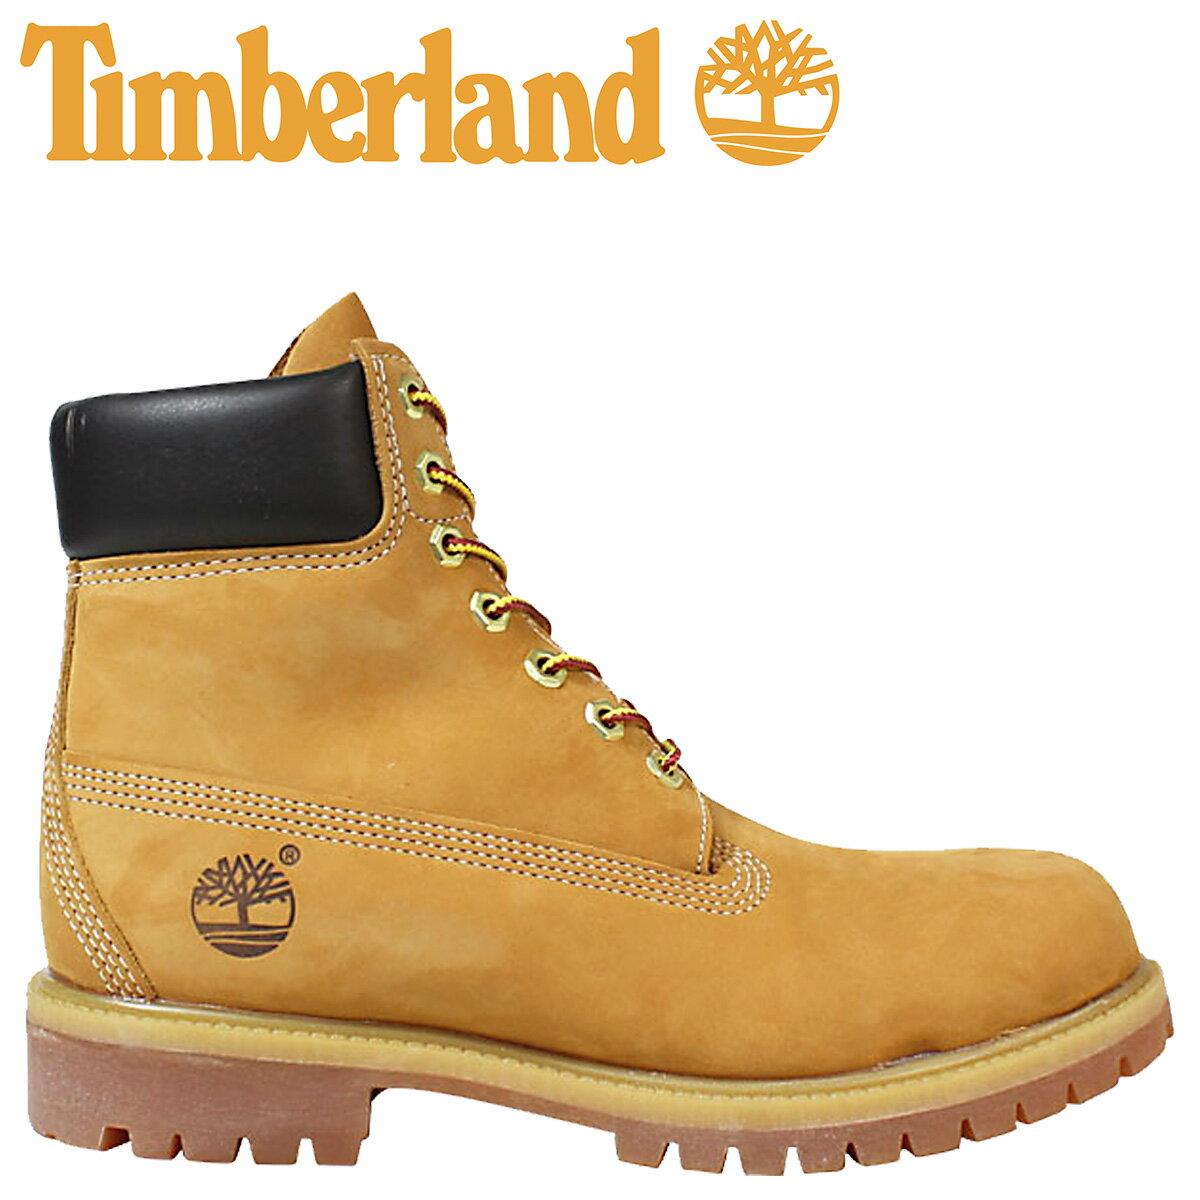 Timberland ブーツ メンズ 6インチ ティンバーランド 6INCH PREMIUM WATERPROOF BOOTS 10061 プレミアム ウォータープルーフ [予約商品 7/26頃入荷予定 追加入荷]